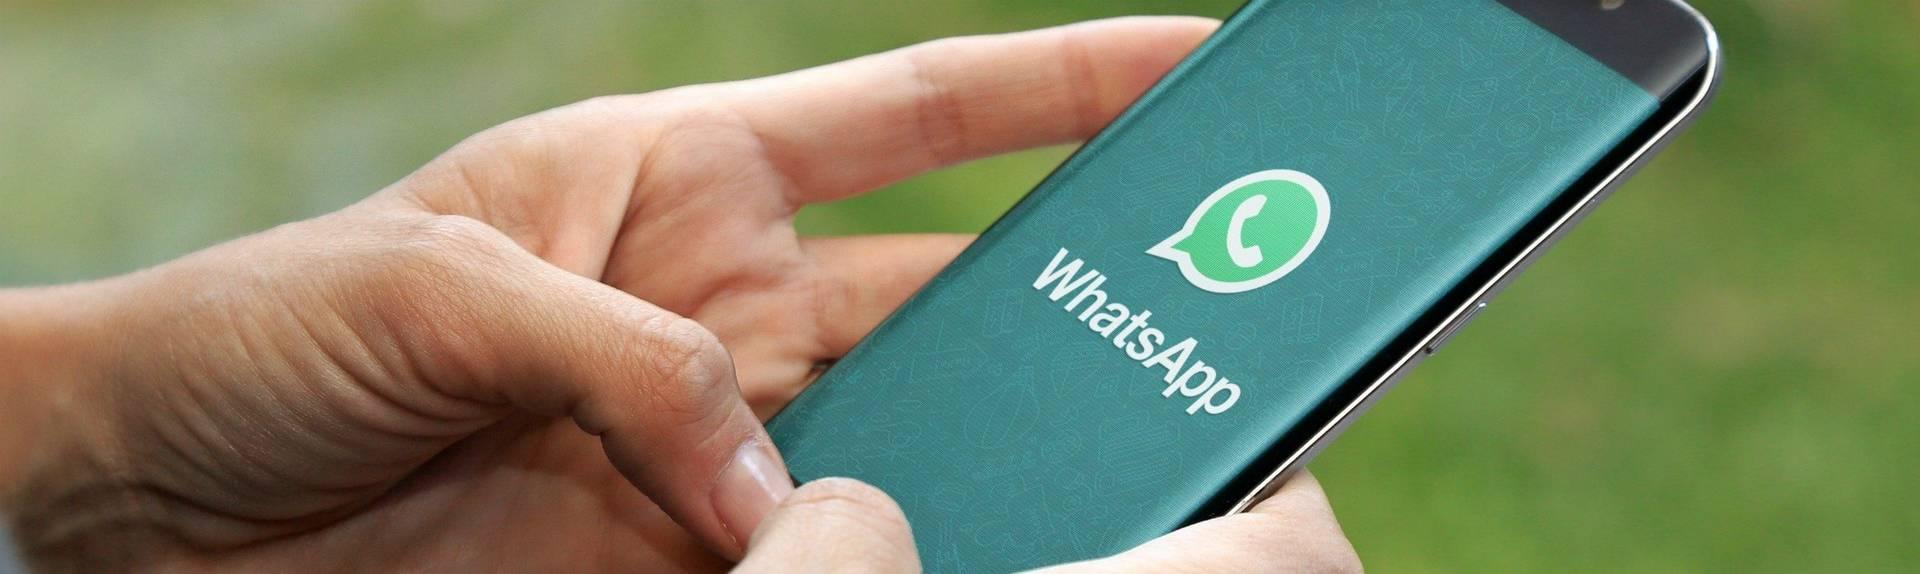 WhatsApp Business: stappenplan om direct te starten